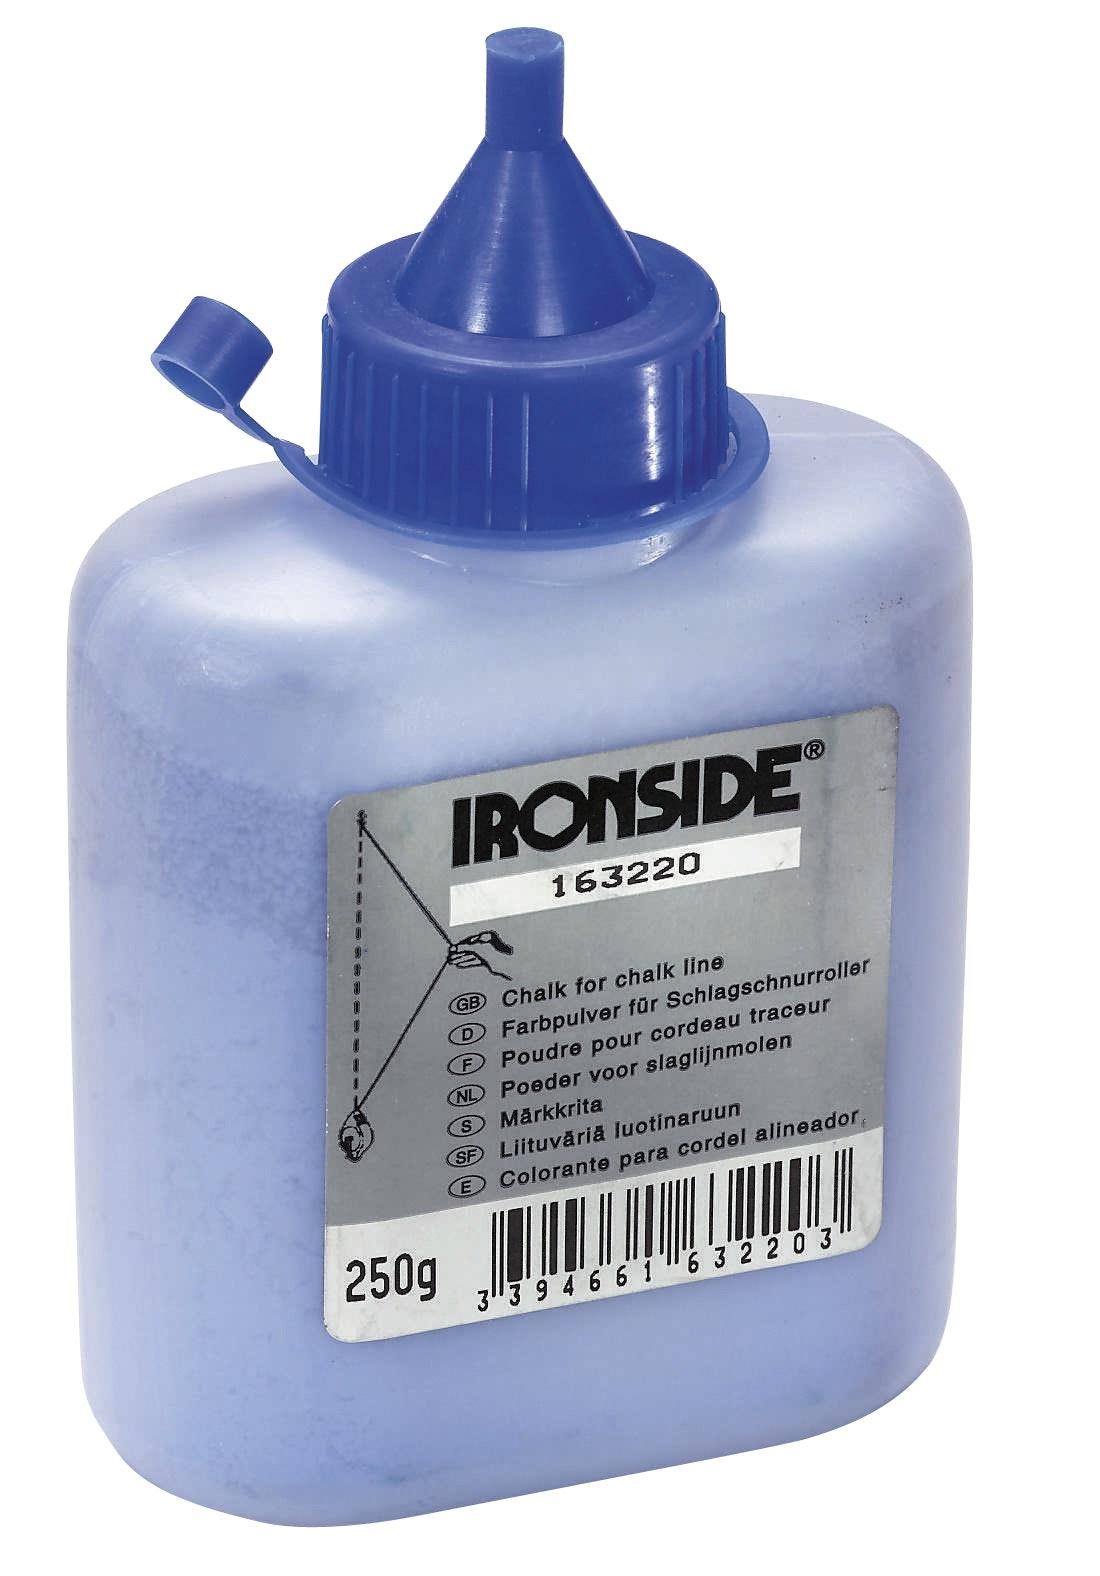 Kritfärg Ironside 250g/ Blå/163220/8266-